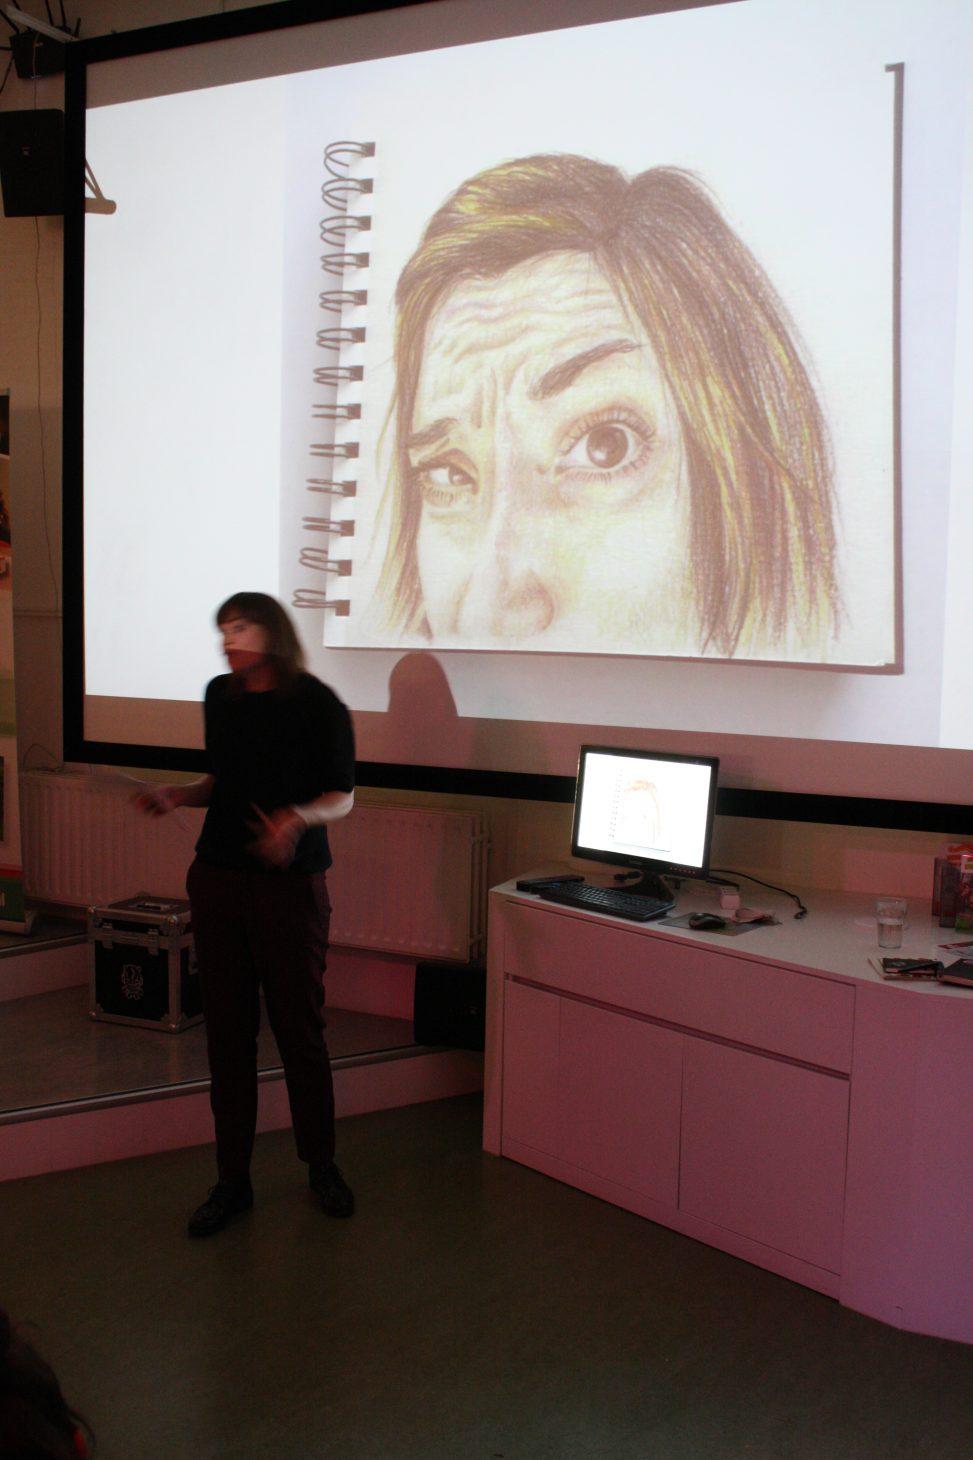 Koosje Koene, Sketchbook Skool, rotterdam, talk & draw 010, event, meetup, digital playground rotterdam, illustrator, creative, network, lilian leahy, 6th edition, art talk